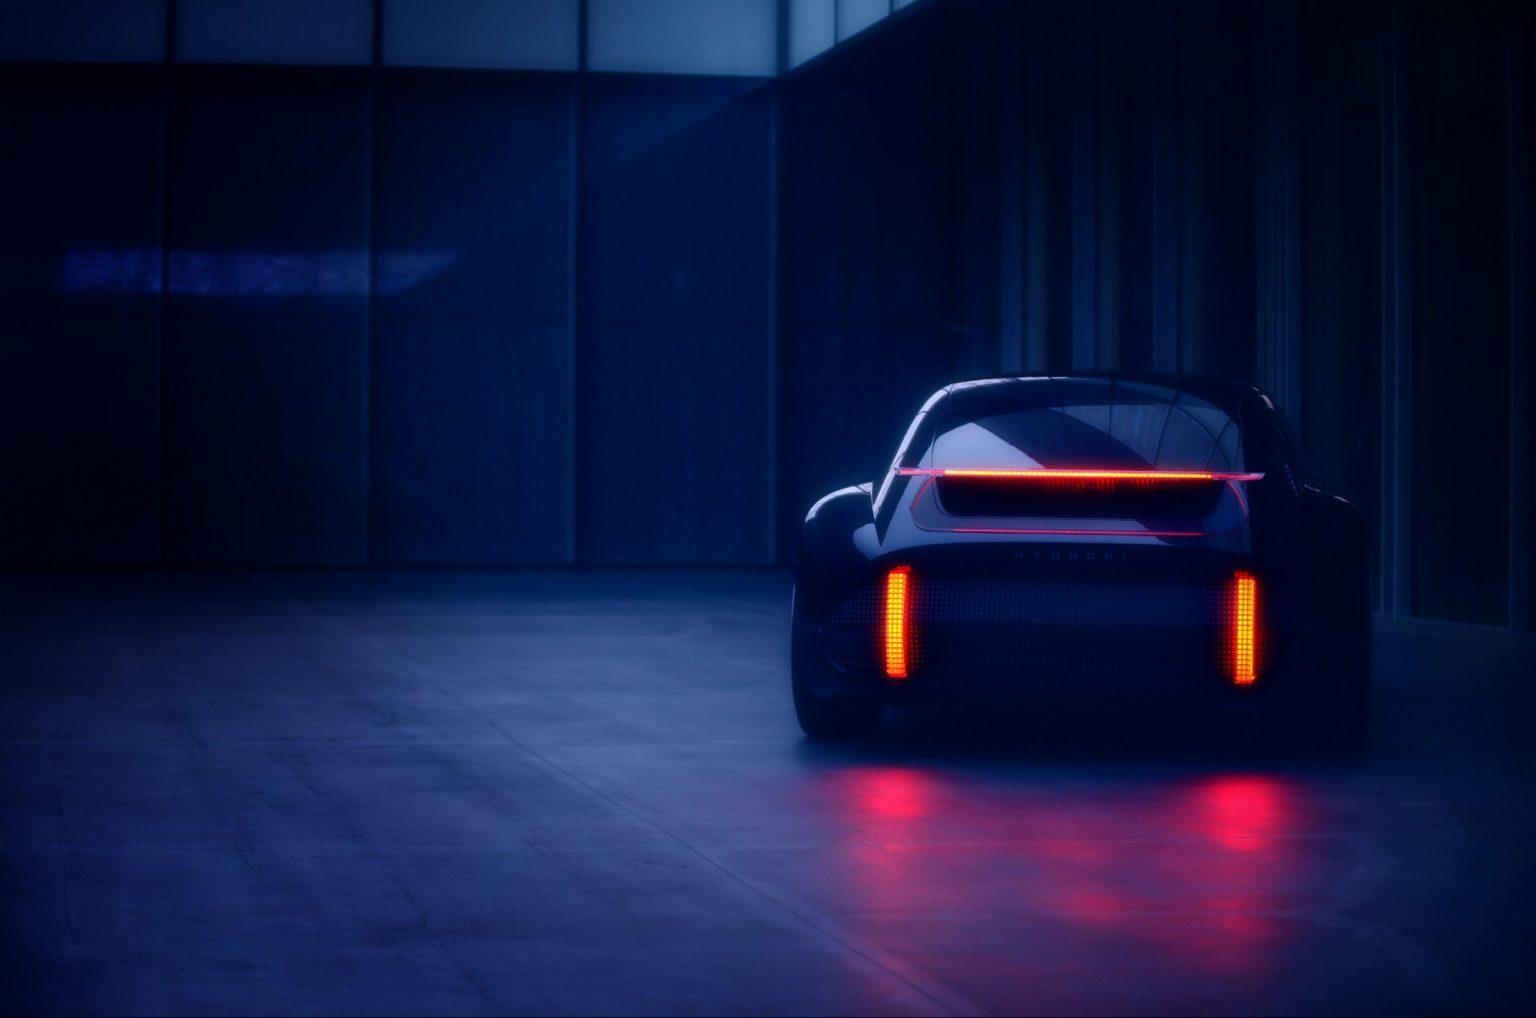 Új villanyautót mutat be a Hyundai márciusban